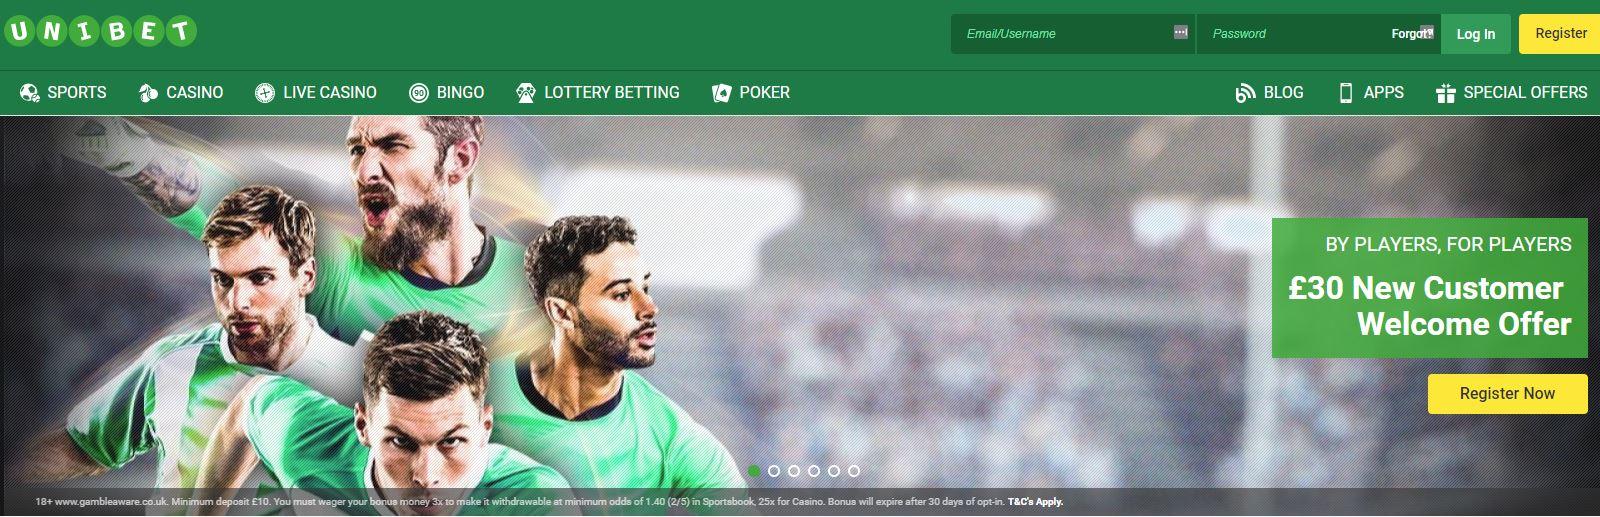 Unibet Homepage